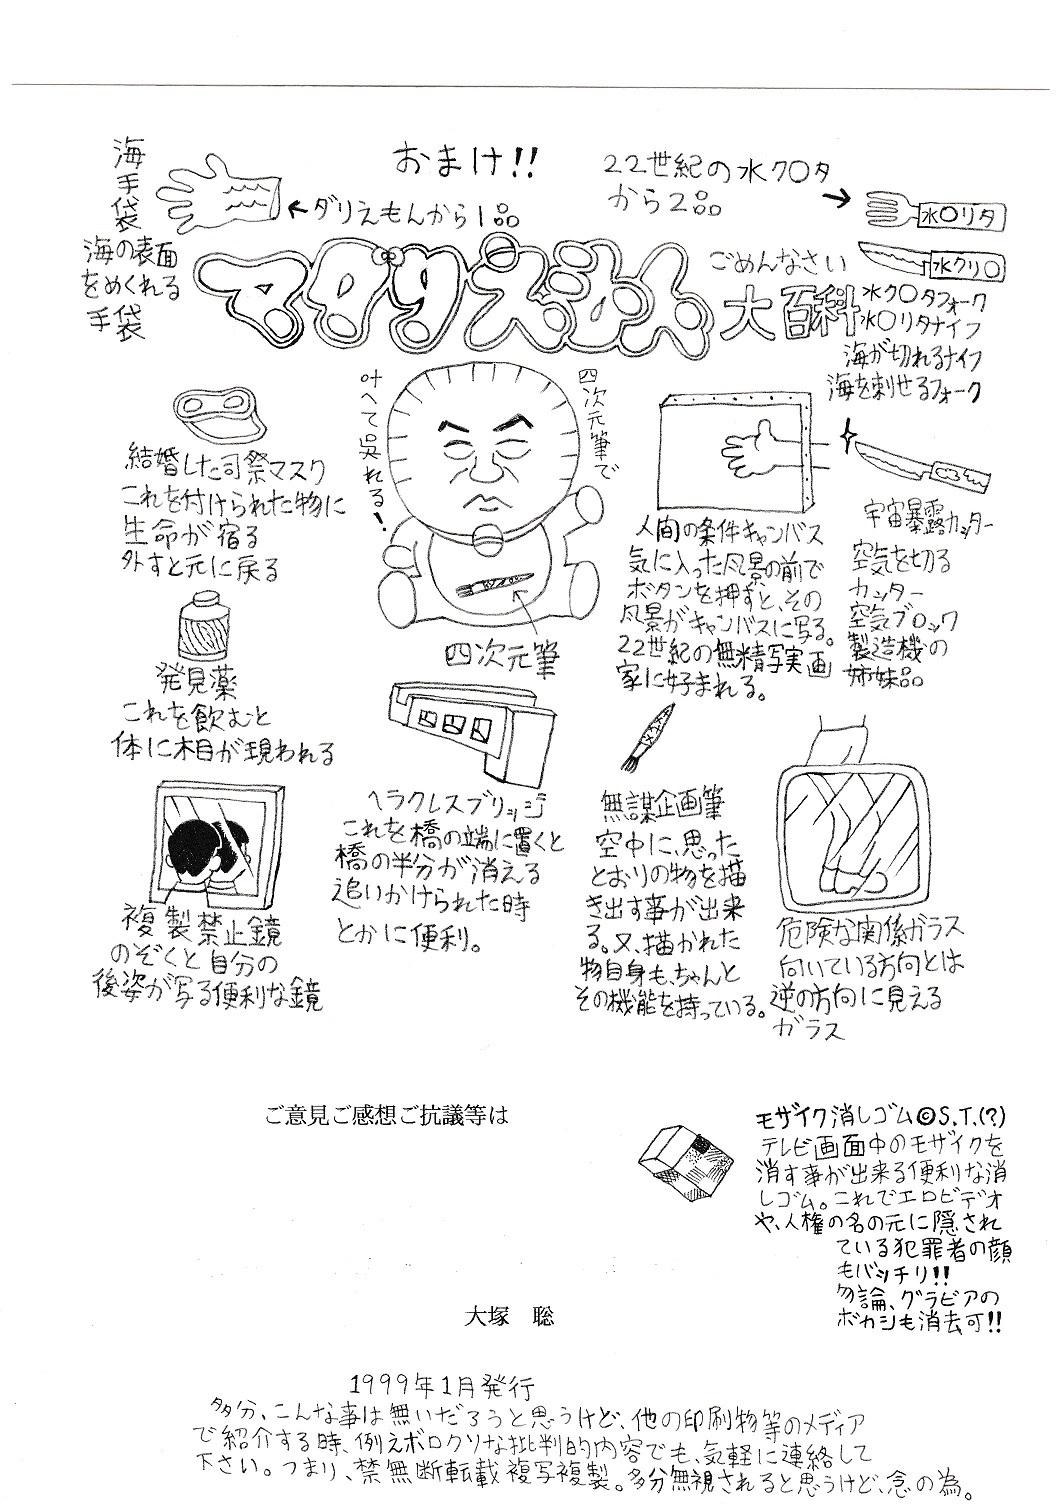 マグリえもん 1998.jpg